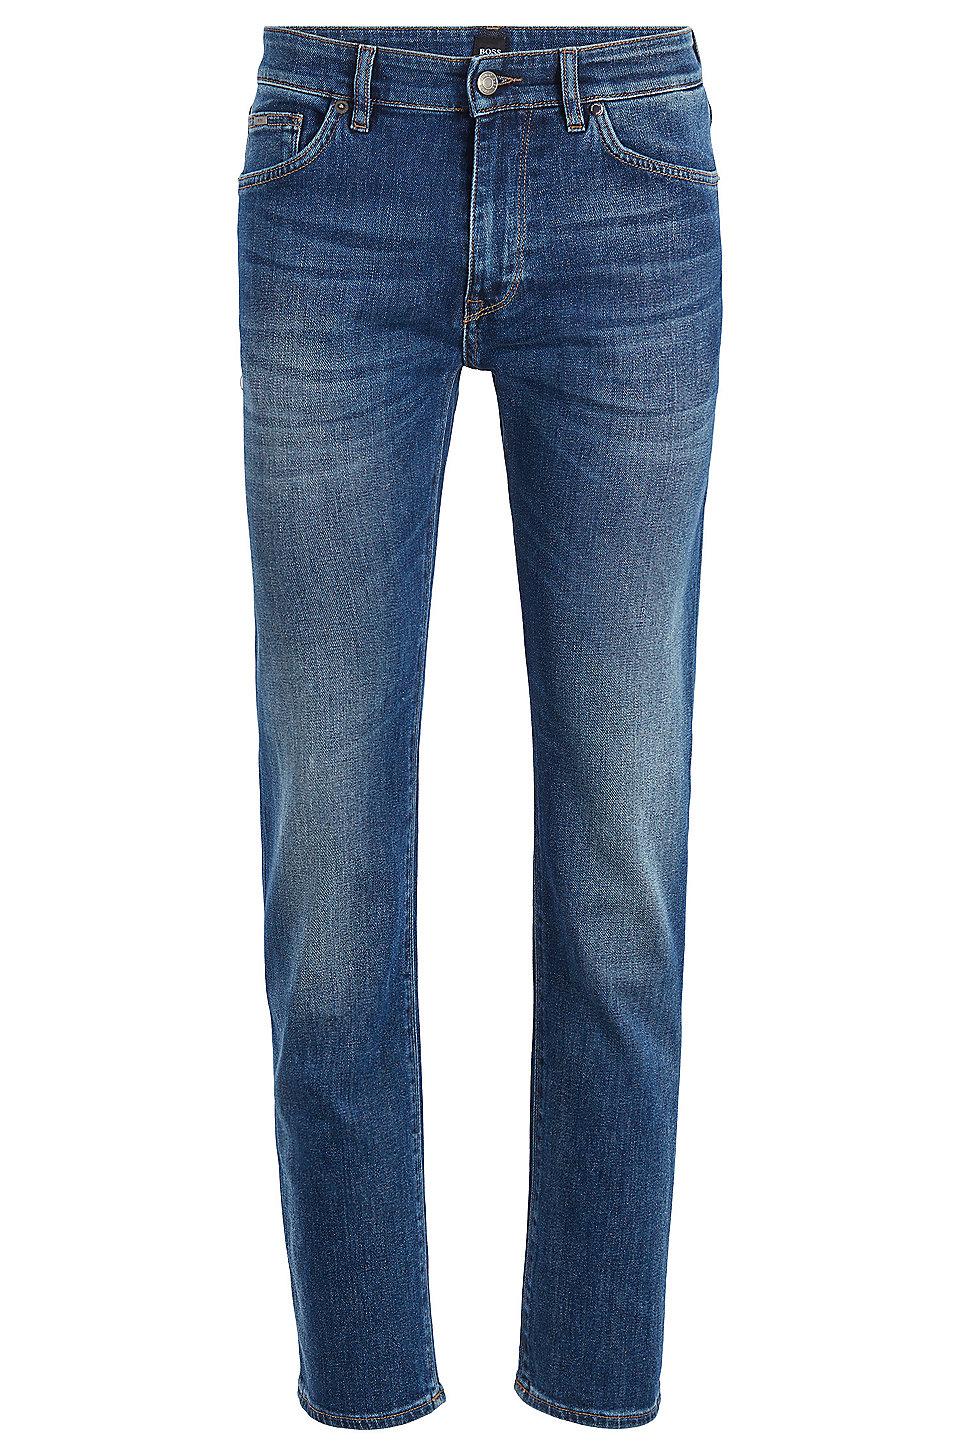 Hugo Boss BOSS Mens Regular Fit Maine Denim Jeans